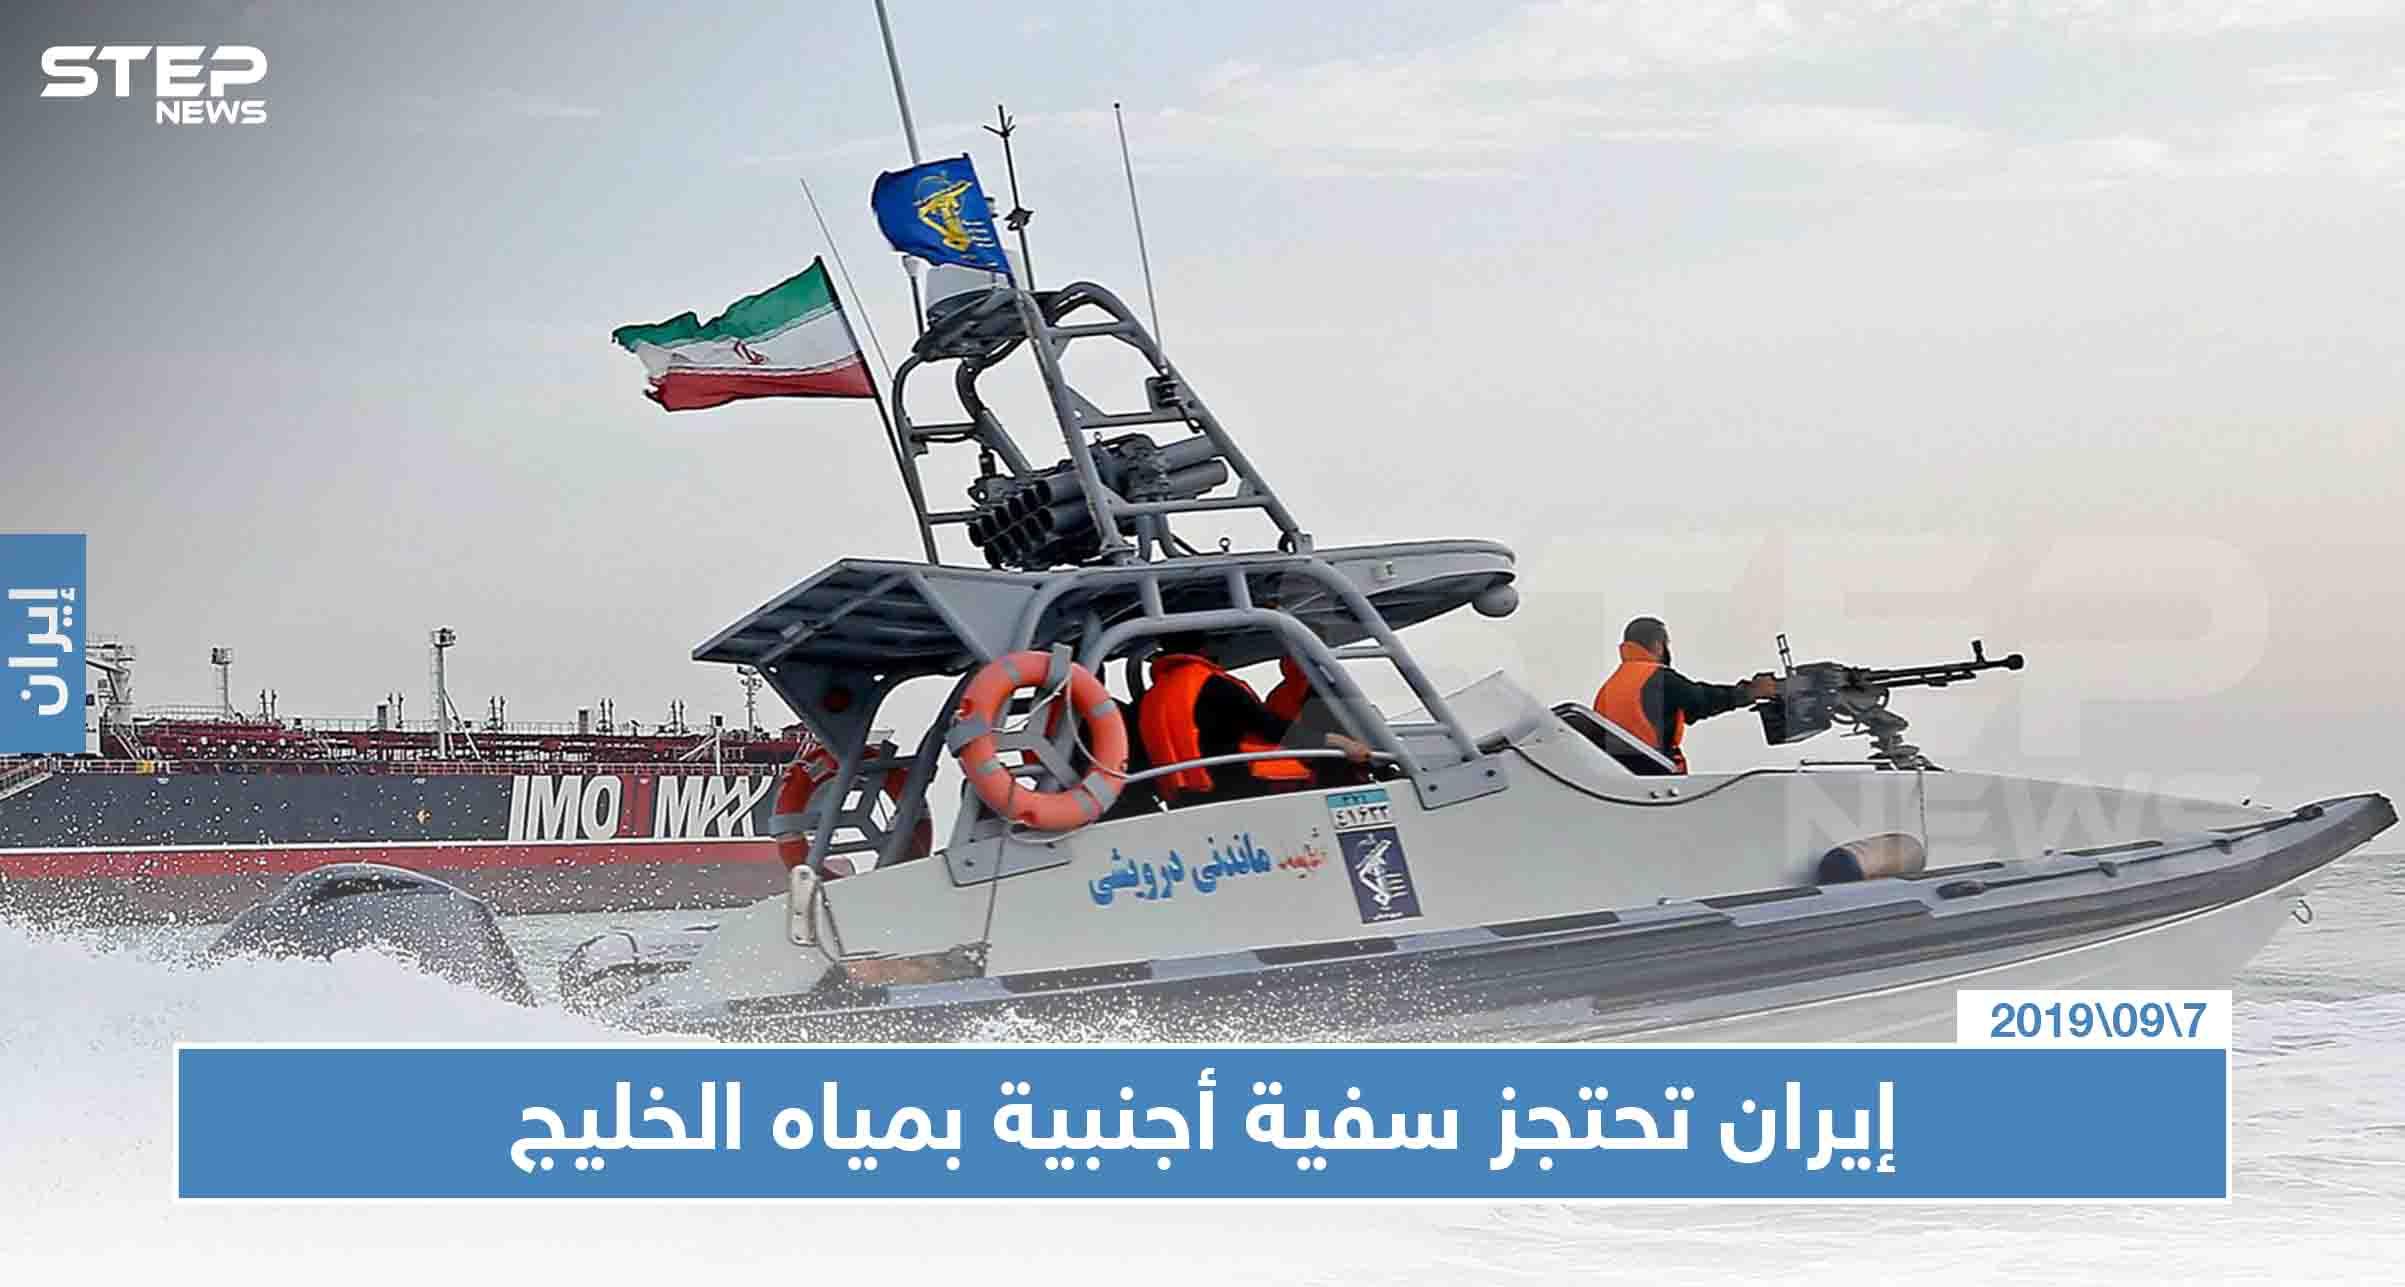 """إيران تحتجز سفية أجنبية بمياه الخليج وتعتقل 12 بحارًا بذريعة """"تهريب الوقود"""""""